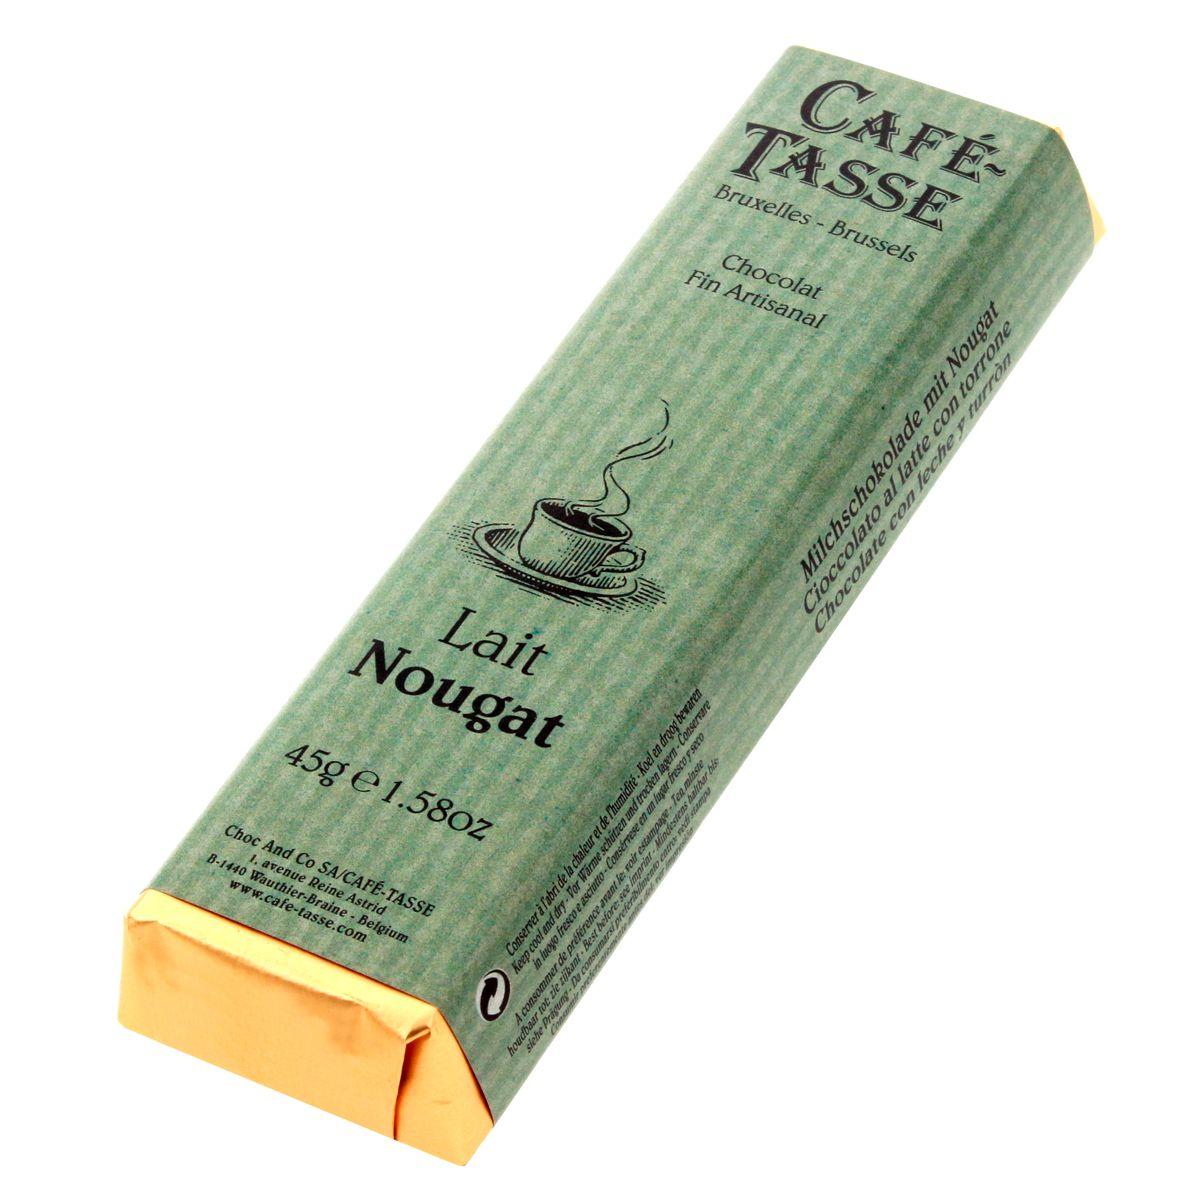 Bâton assorti goût lait nougat 45gr - Cafetasse